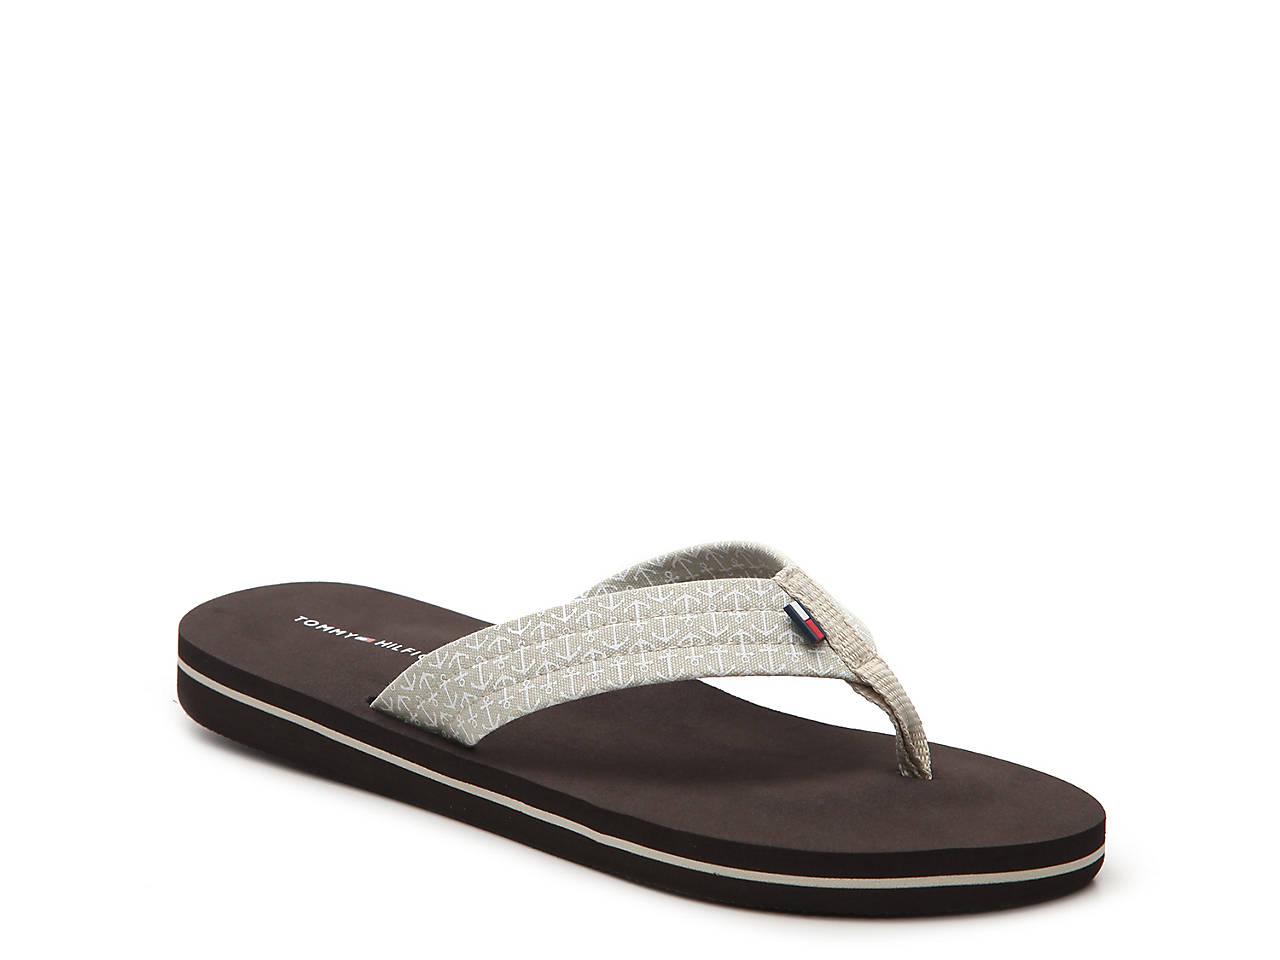 31885d2dd14 Tommy Hilfiger Ceaweed Flip Flop Men s Shoes